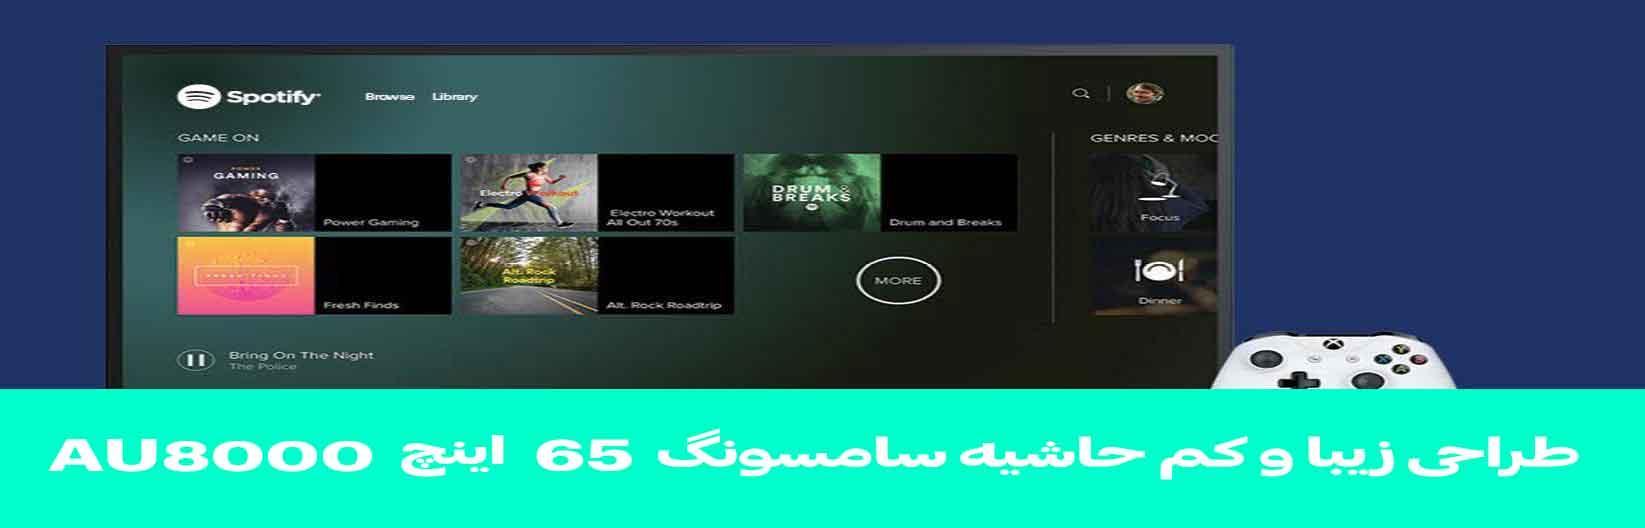 قیمت تلویزیون سامسونگ 65au8000